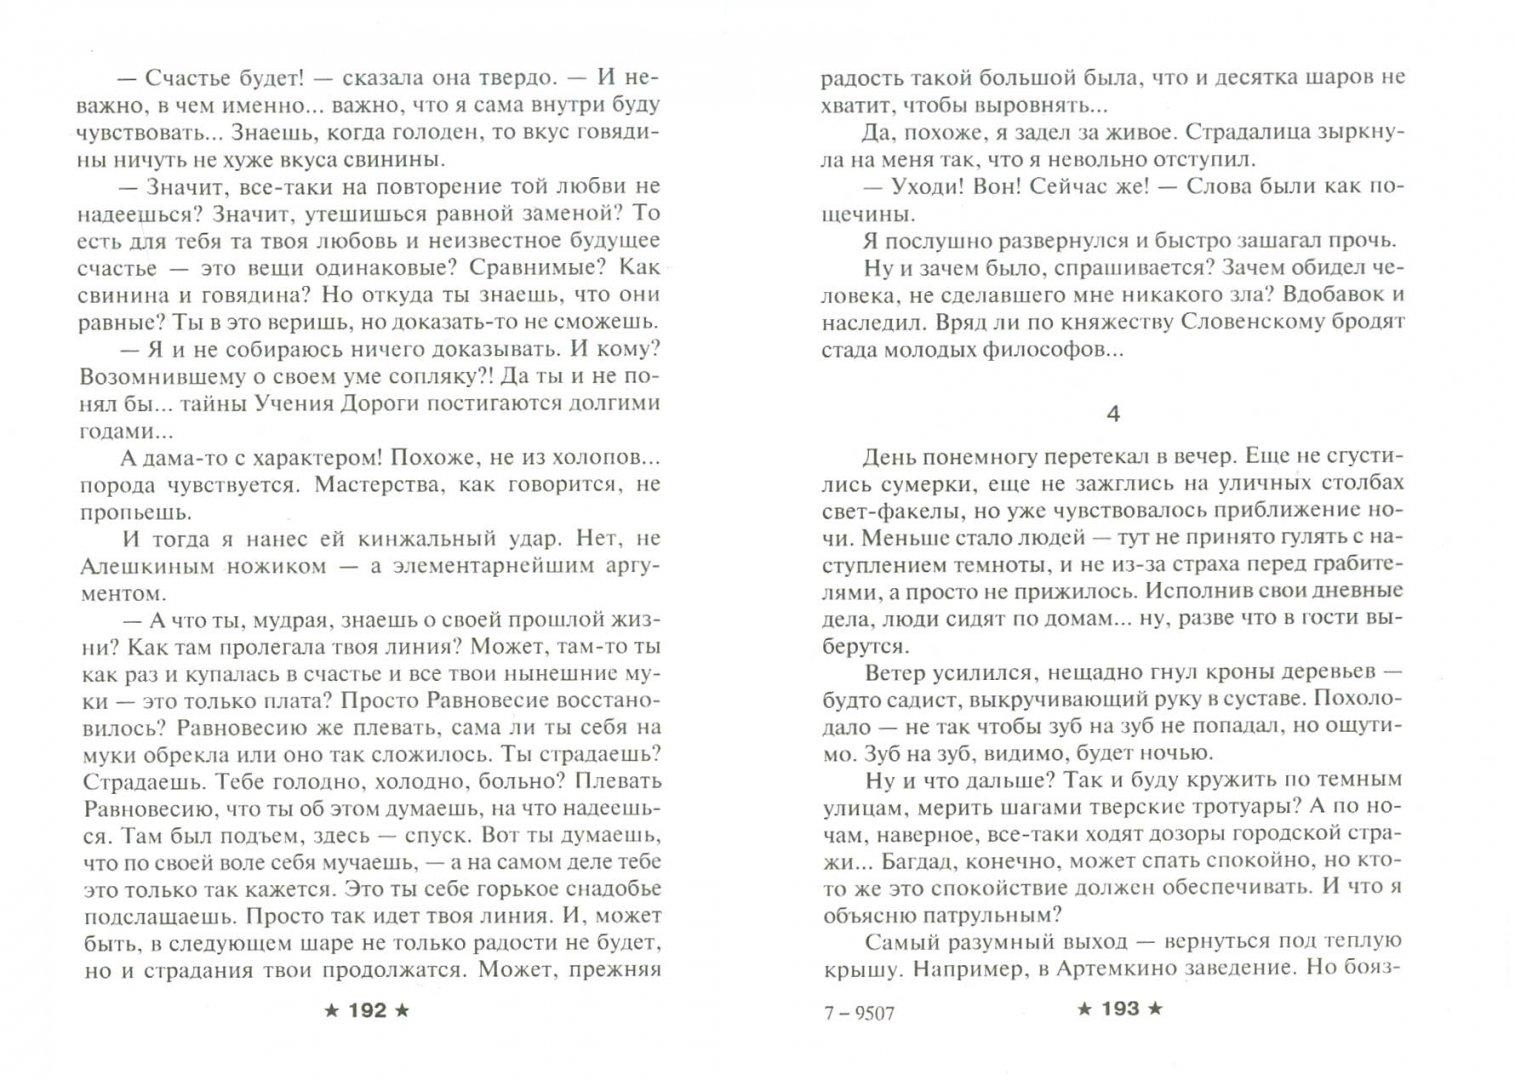 Иллюстрация 1 из 2 для Последнее звено - Виталий Каплан | Лабиринт - книги. Источник: Лабиринт